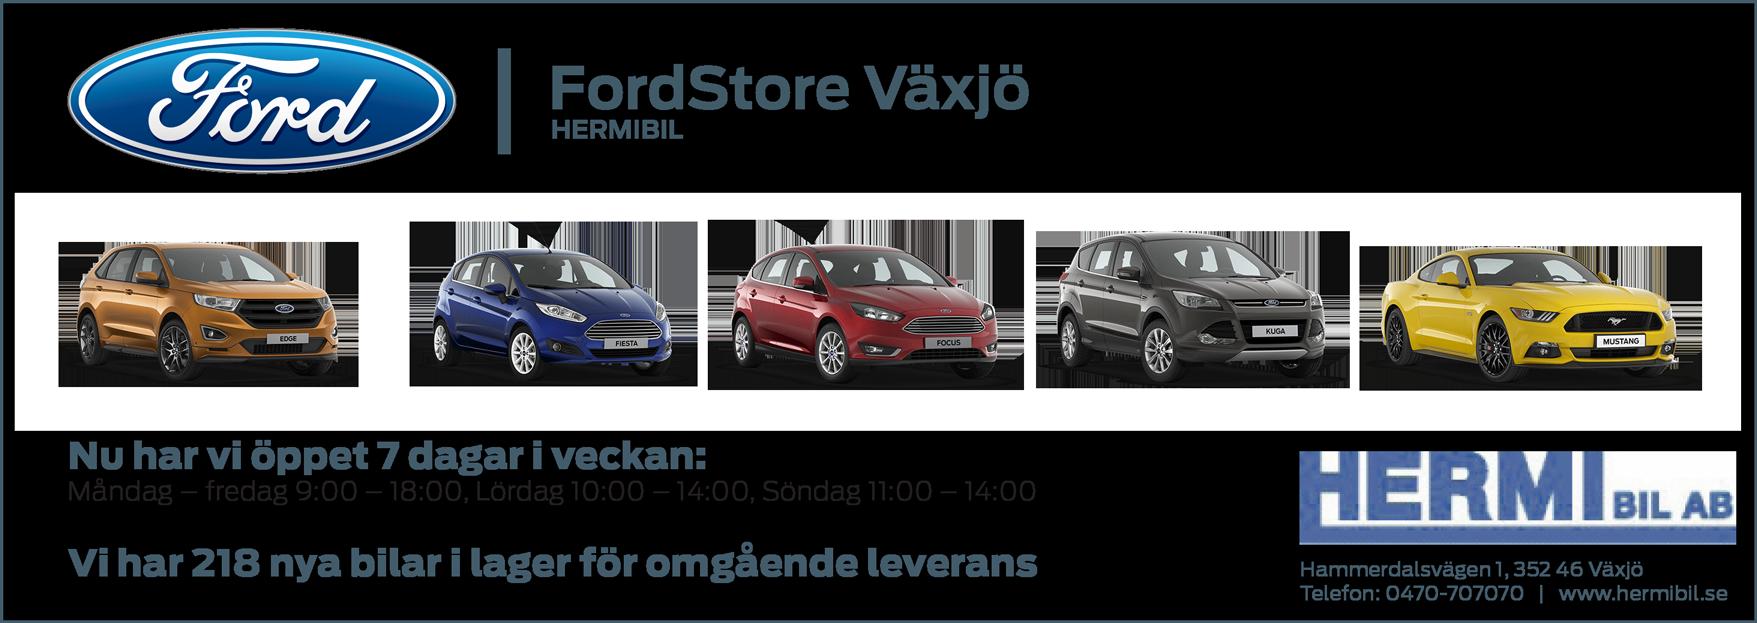 FordStore Växjö öppet 7 dagar i veckan